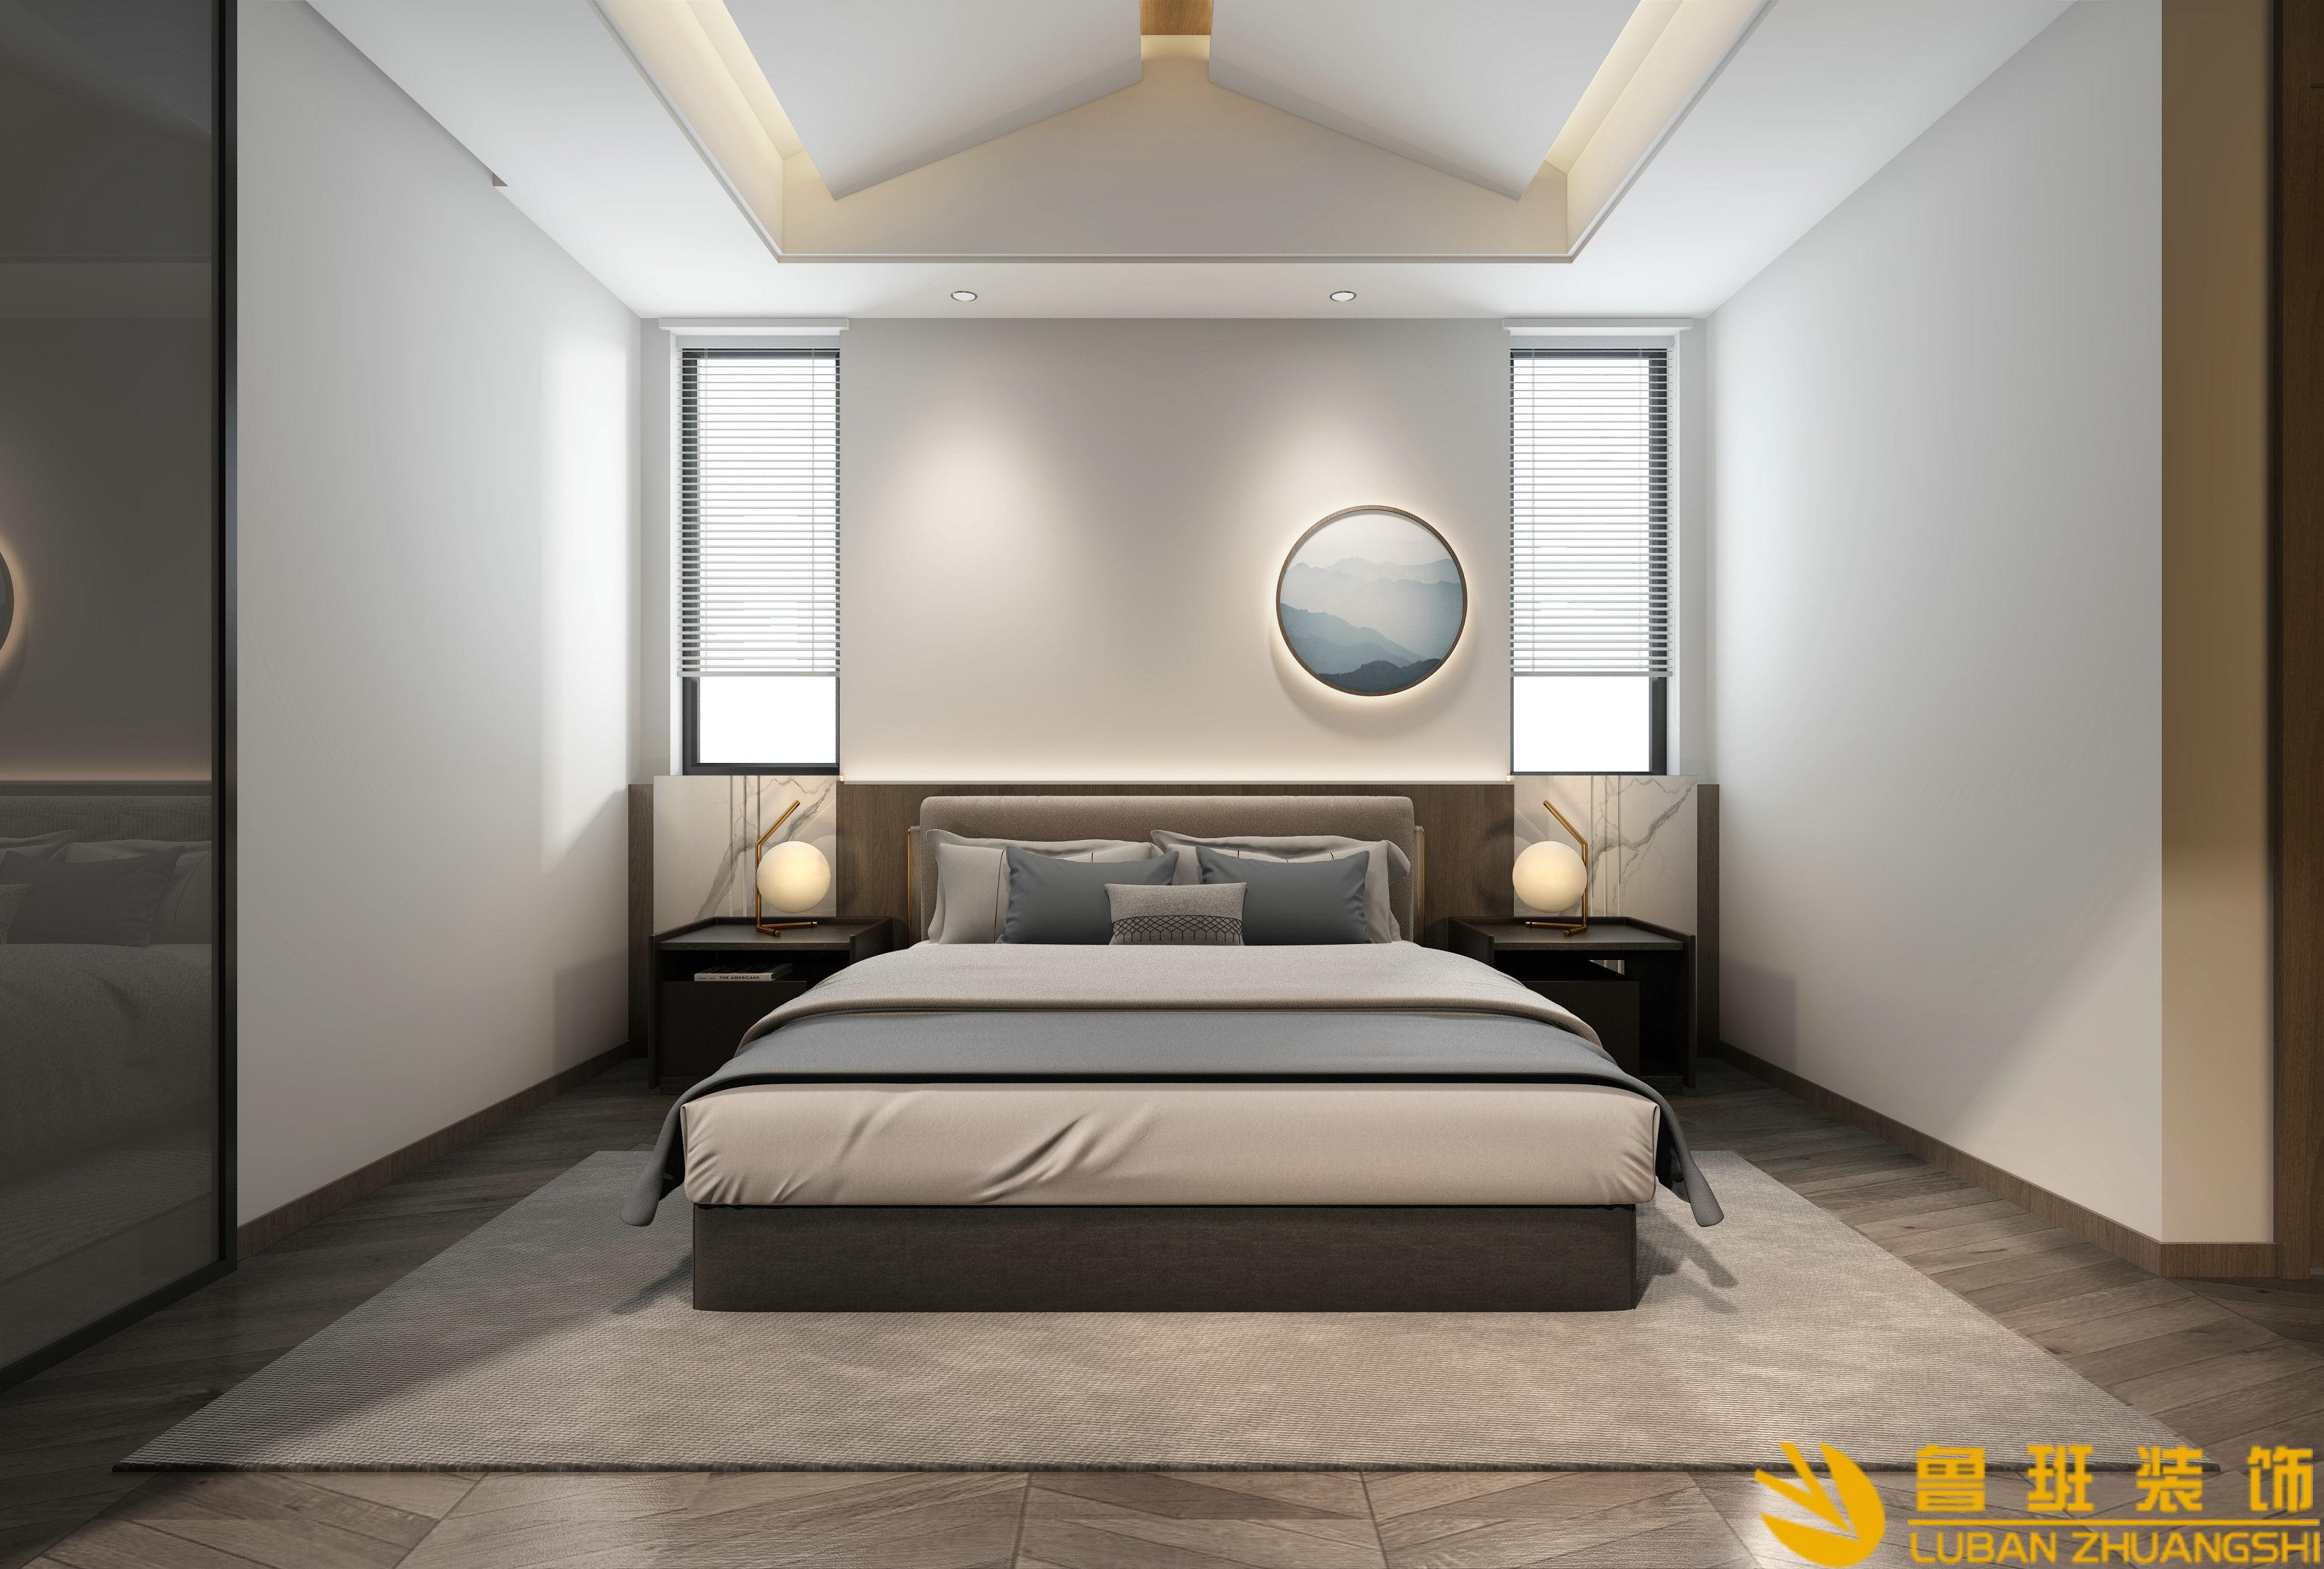 青城山居两室三卫118.3平米现代新中式卧室